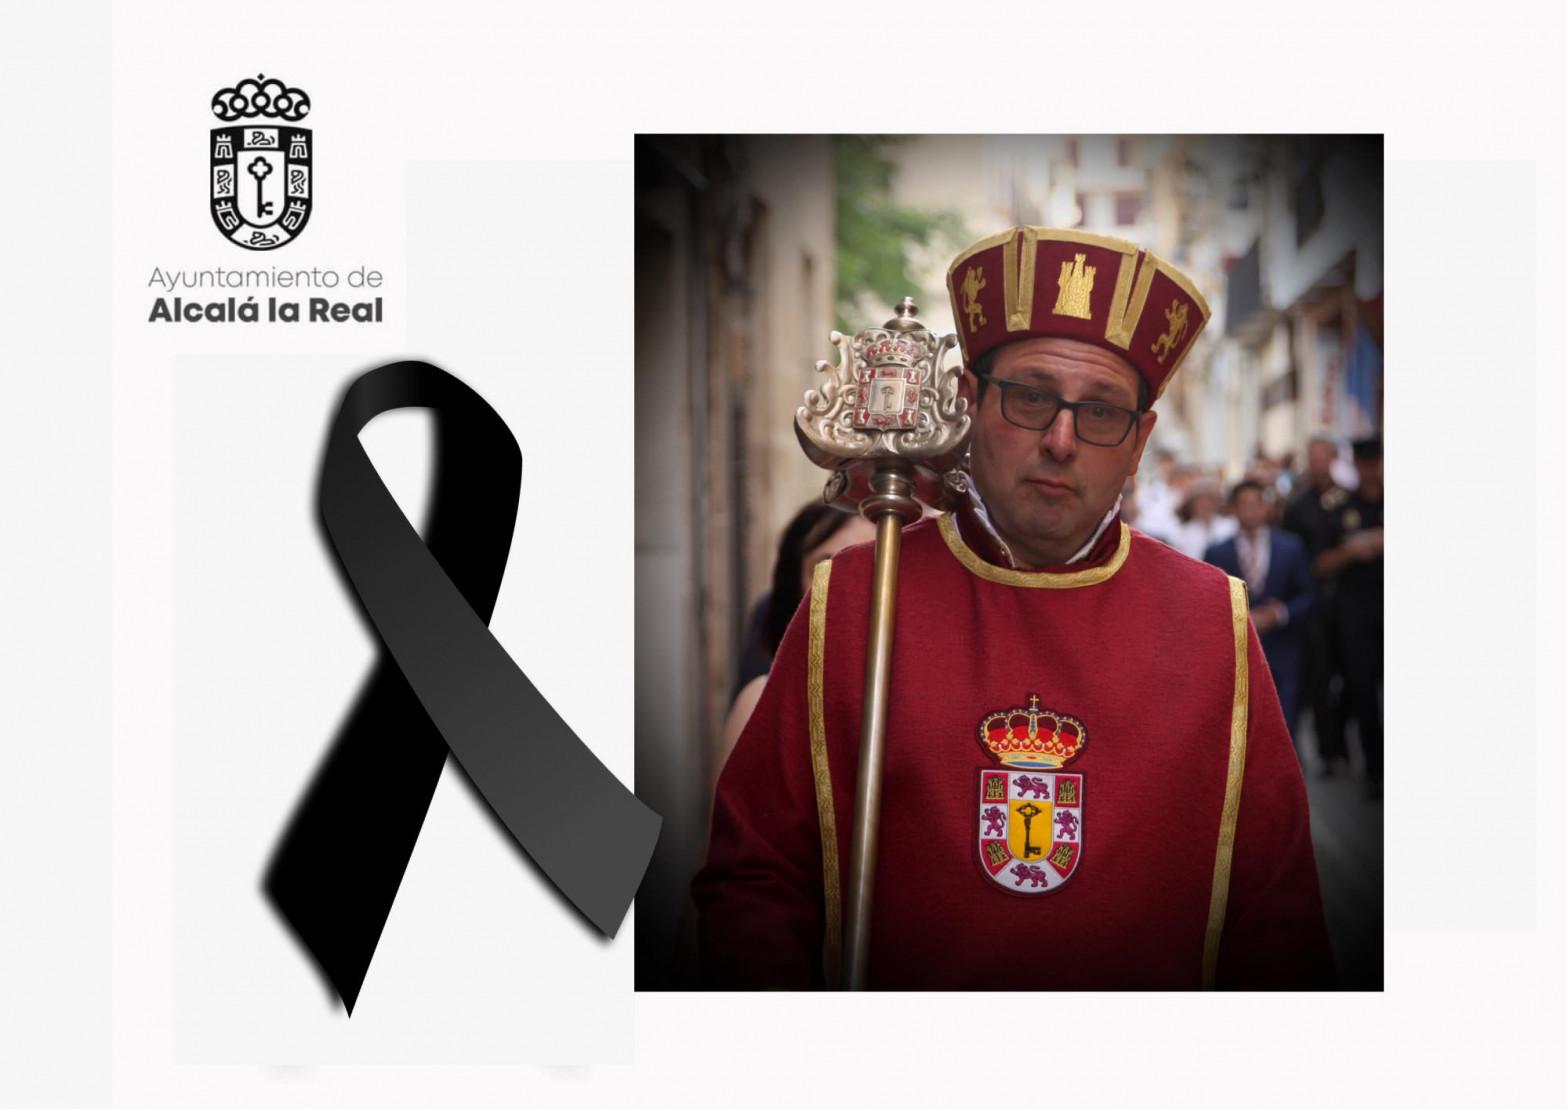 El Ayuntamiento de Alcalá la Real (Jaén) ha guardado este sábado un minuto de silencio por la muerte del sacristán Paco Zúñiga.